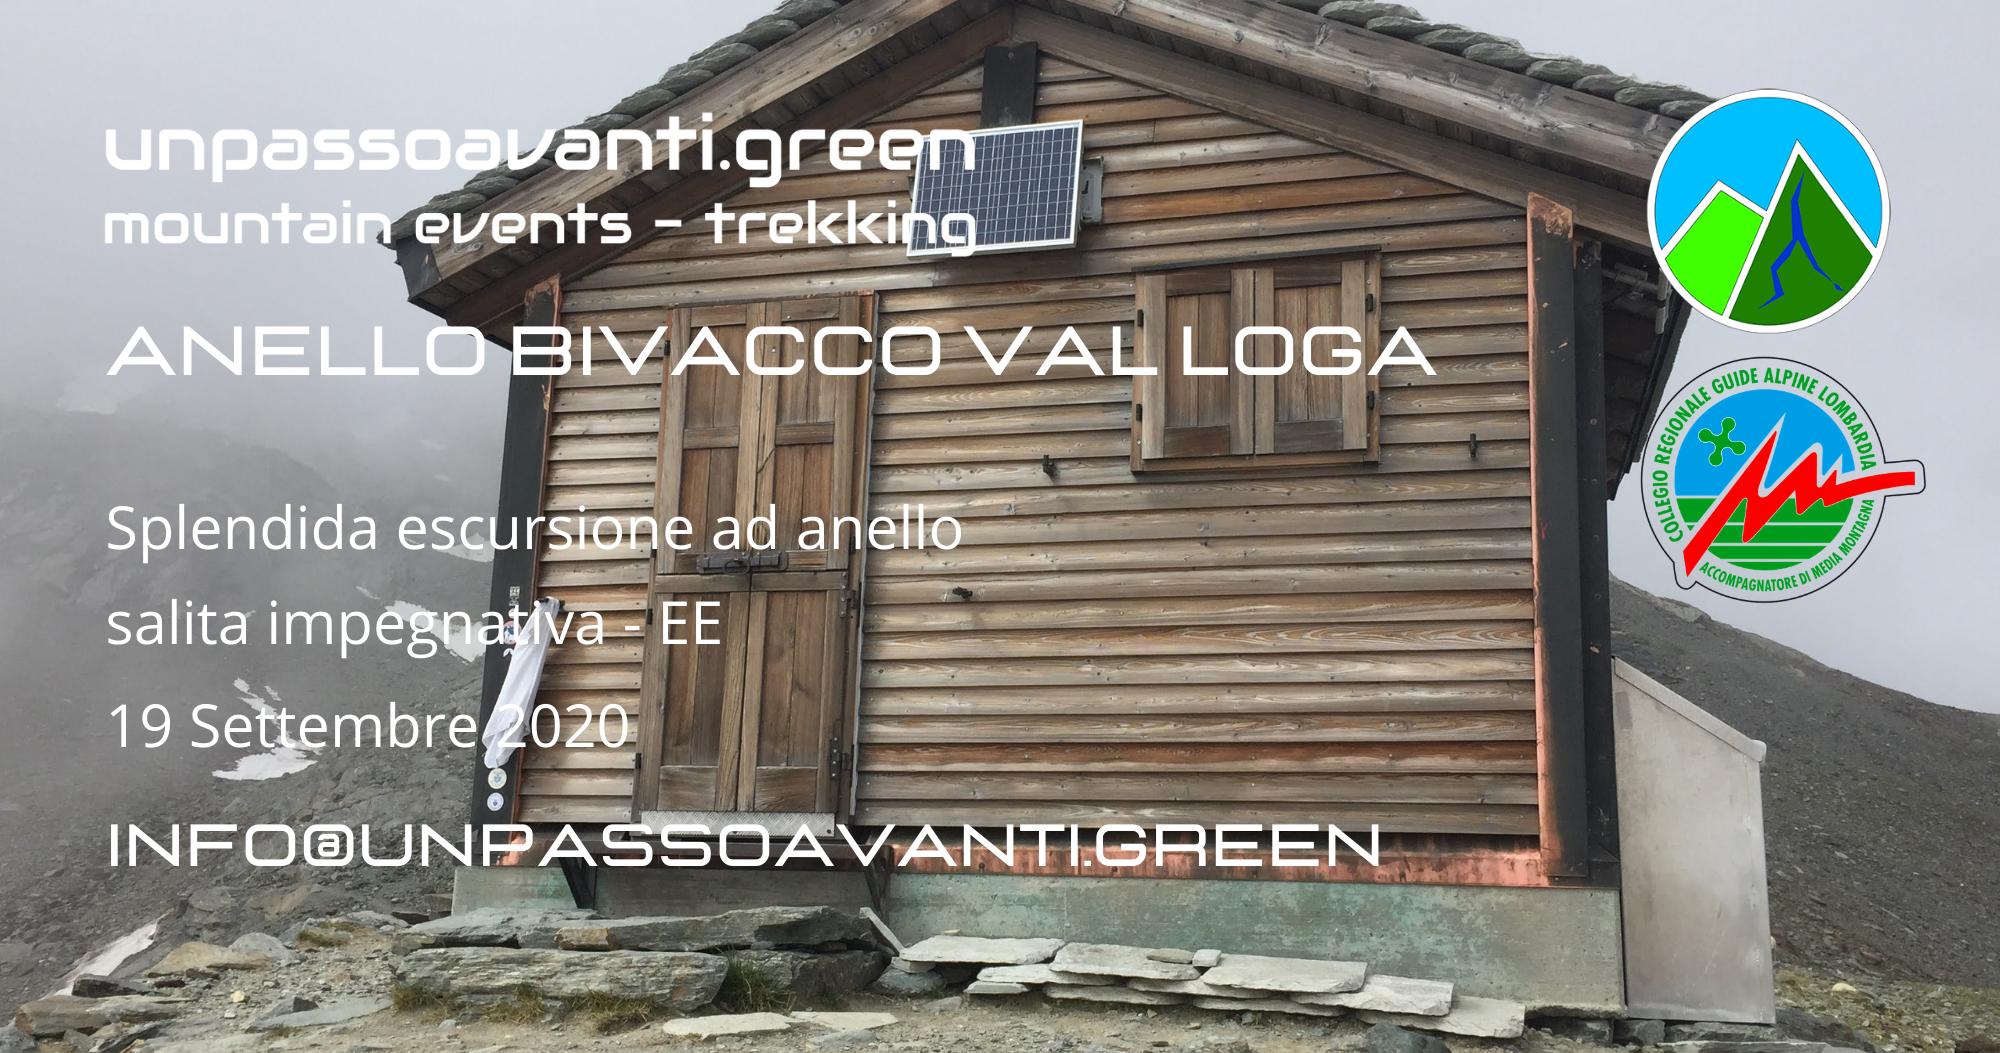 Anello Bivacco Val Loga Cecchini unpassoavanti.green